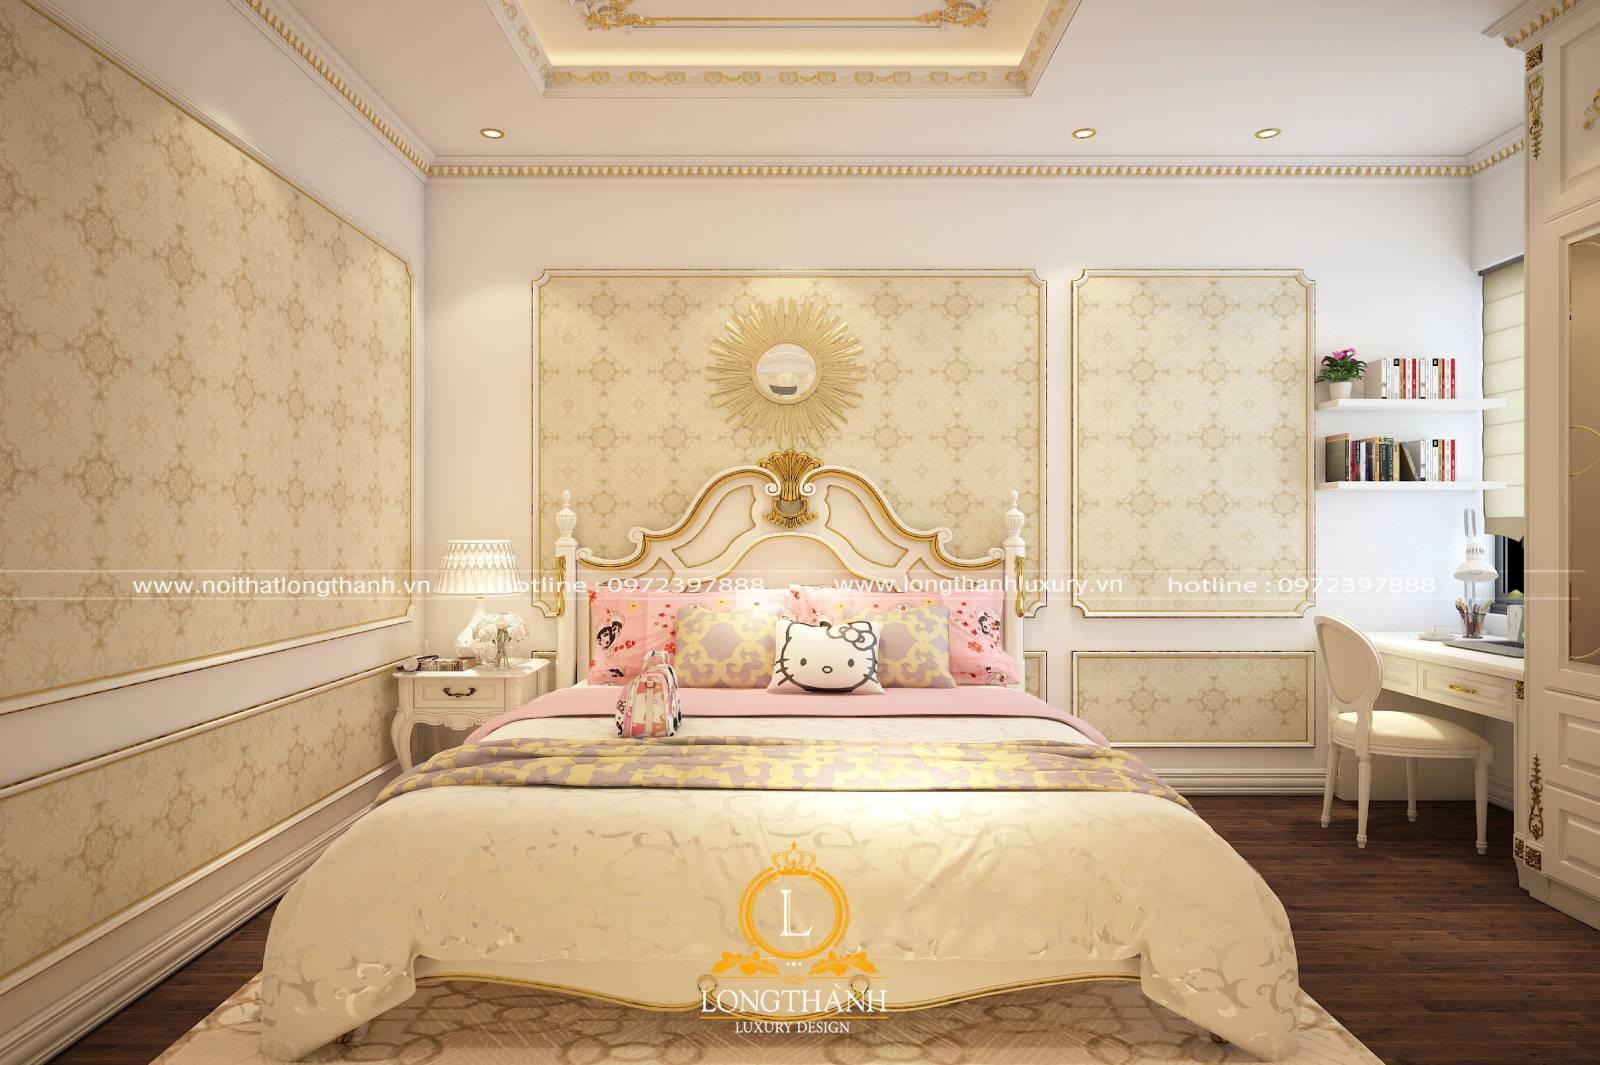 Phòng ngủ tân cổ điển lấy tông trắng chủ đạo cho bé gái